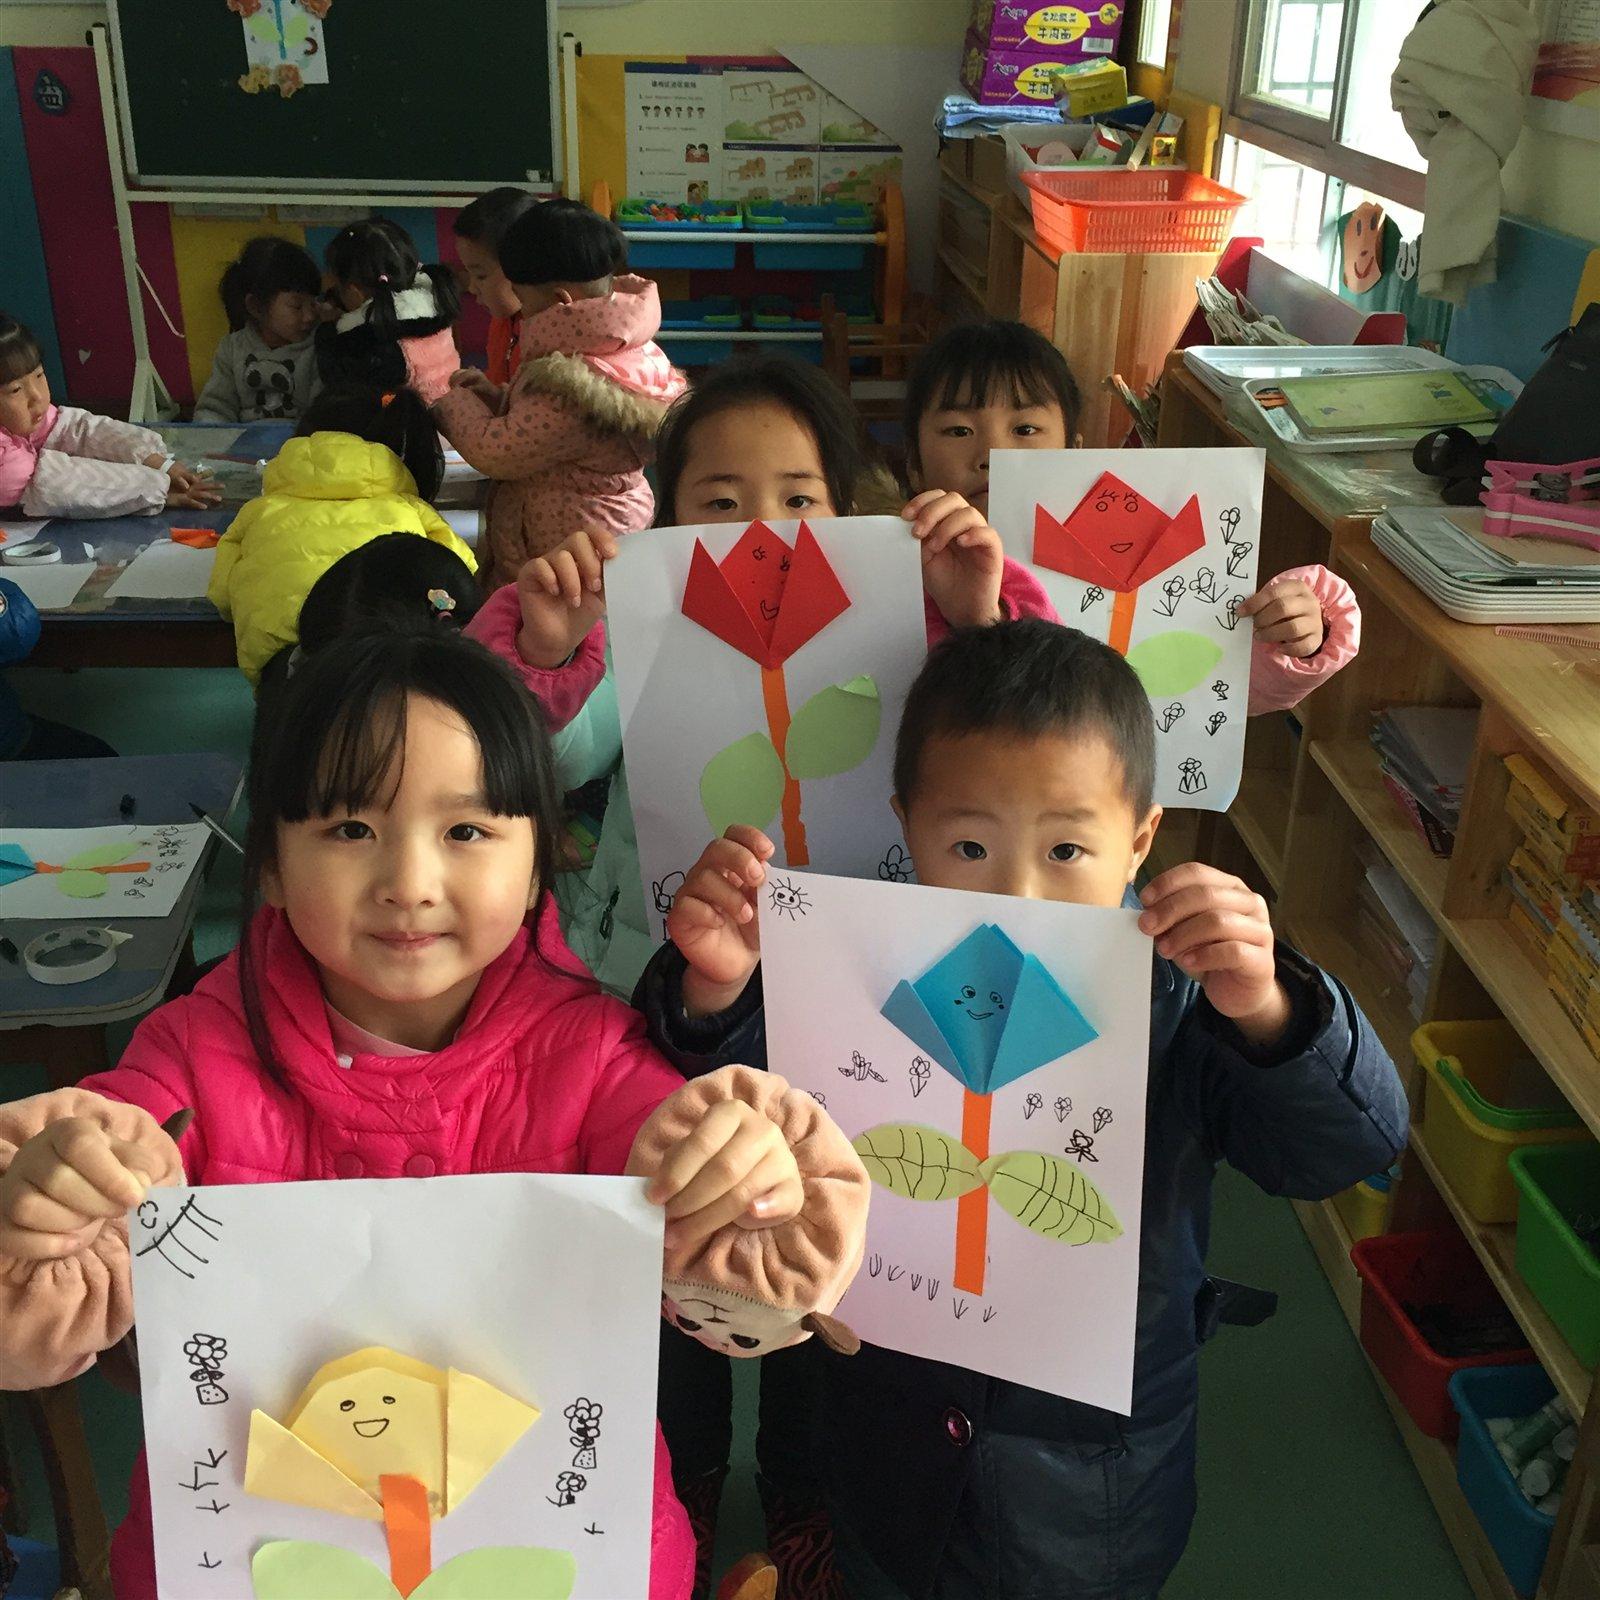 春天是百花齐放的季节,孩子们对于花花草草都有着特殊的好奇心。郁金香又是孩子们在日常生活中比较少见到的,为了丰富孩子们的知识面,也为了提高孩子们的动手能力,本周班级组织了折纸活动:春天的郁金香。让幼儿学习用对角折的方法折出郁金香,然后添加叶子和茎。 孩子们一个个兴致很高,在老师的引领下,一朵朵看似笨拙幼稚却饱含孩子心血和思想的郁金花脱颖而出,孩子们兴致勃勃的相互评头论足,交流留影,寓教于乐中不但提升了孩子的动手操作能力,也丰富了孩子的视野和实践。